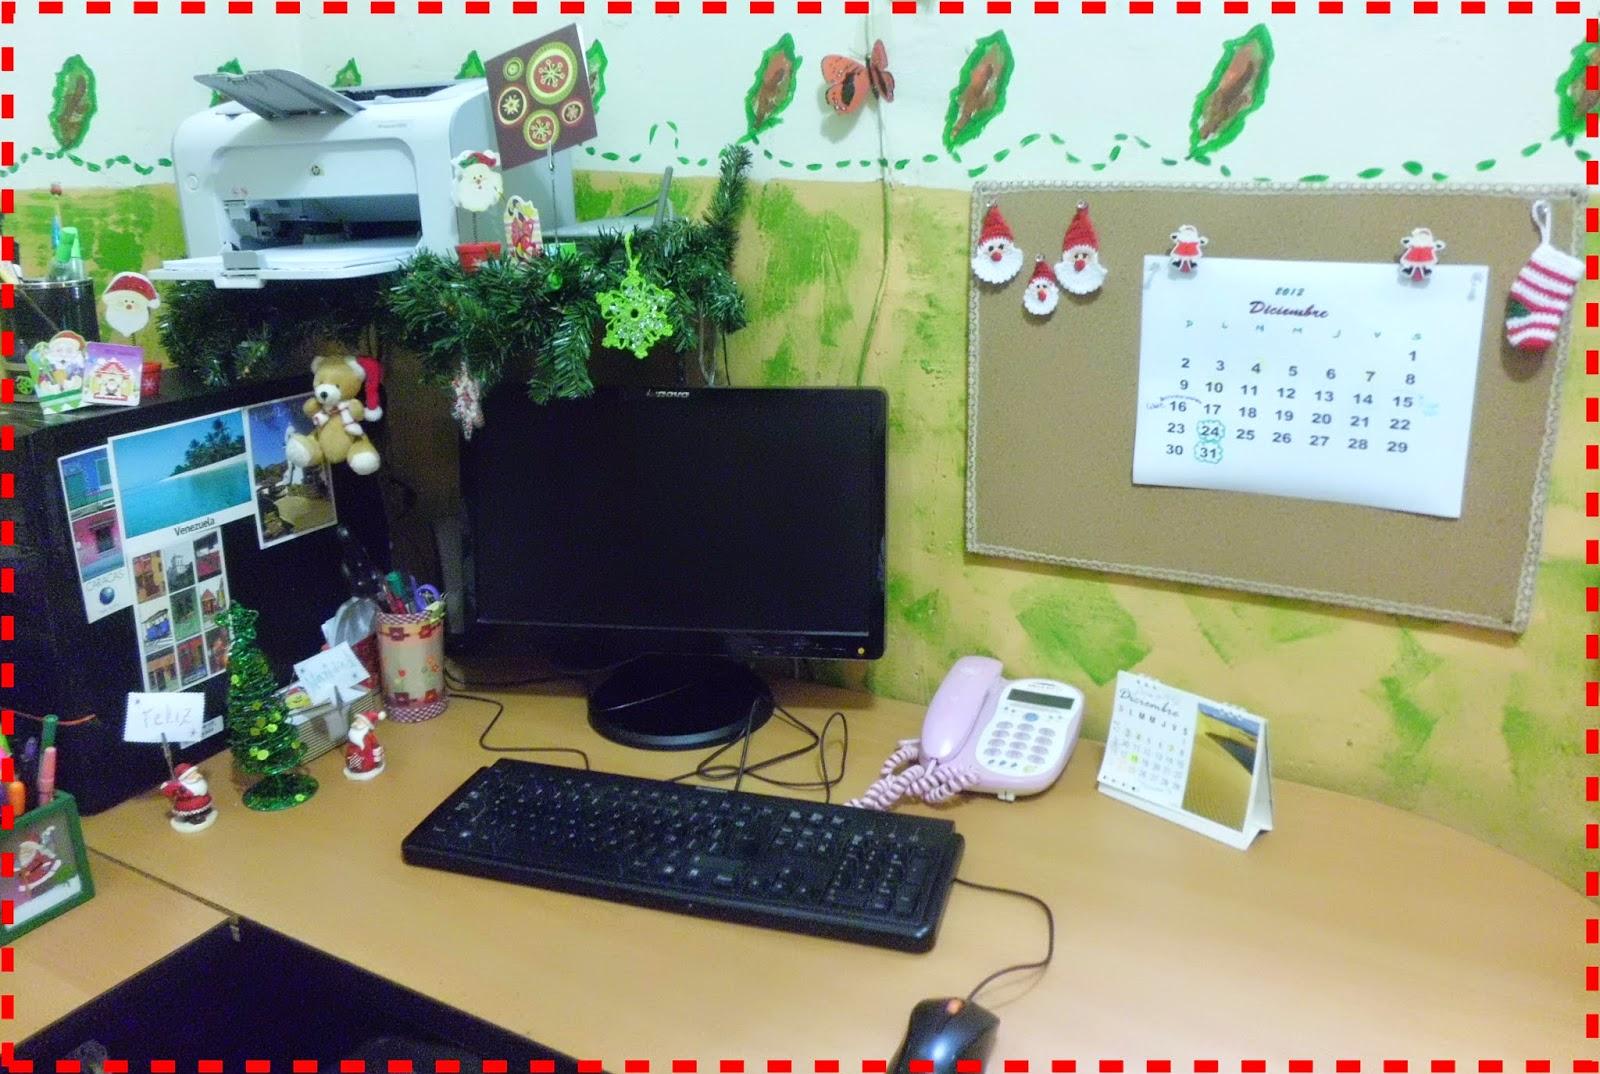 El caf de caro nuga decoraci n navide a en la oficina for Decoracion navidena oficina